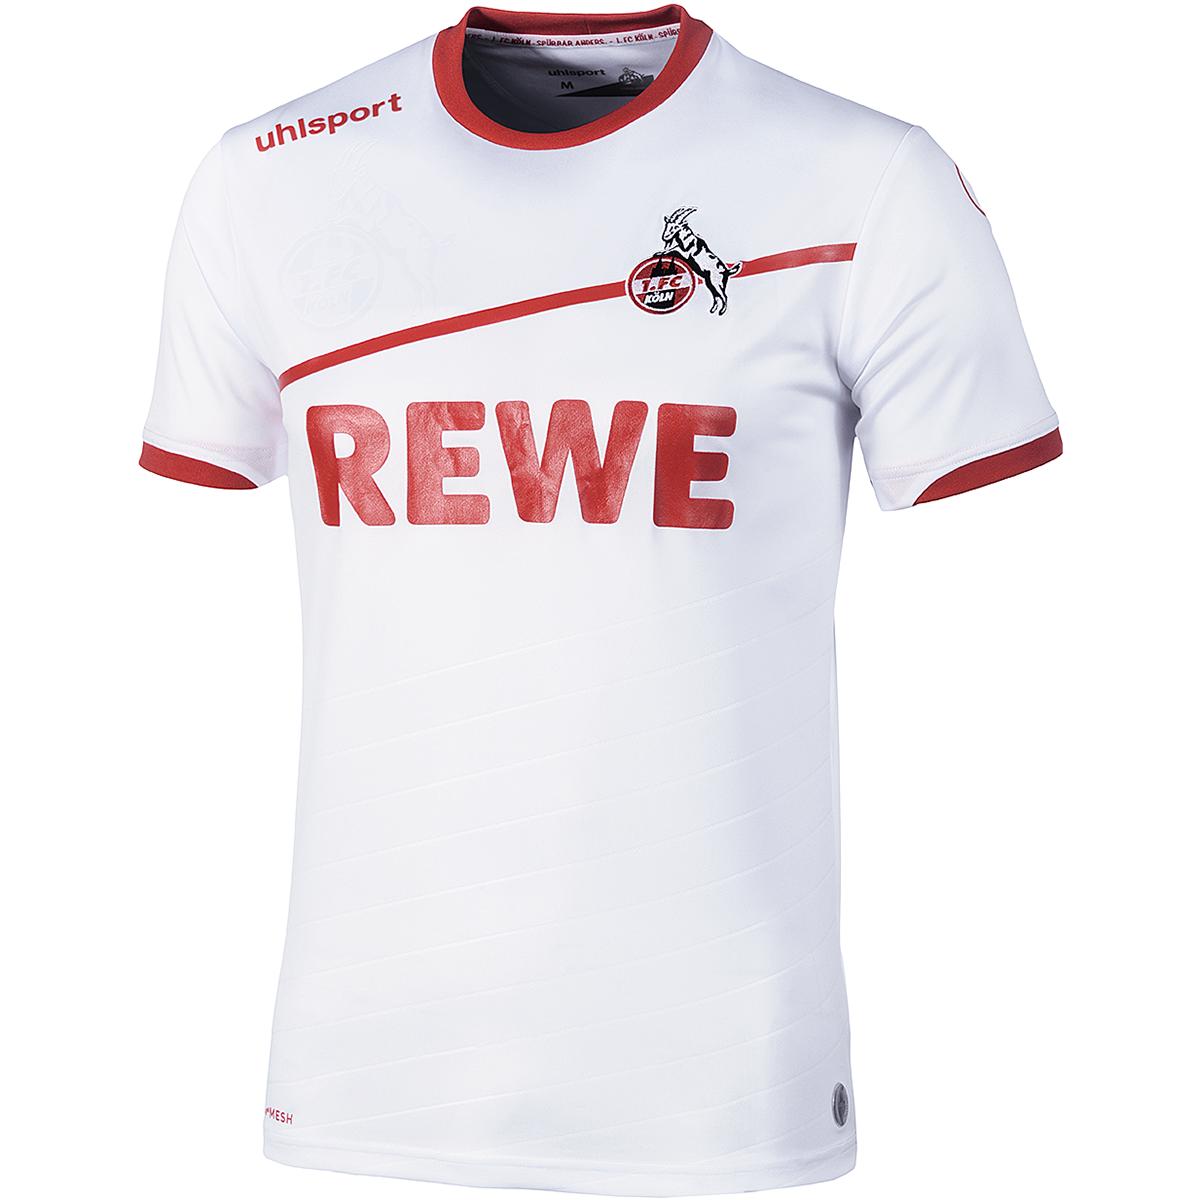 Uhlsport 1.FC Cologne Home Jersey Shirt 20182019 Men's bianca